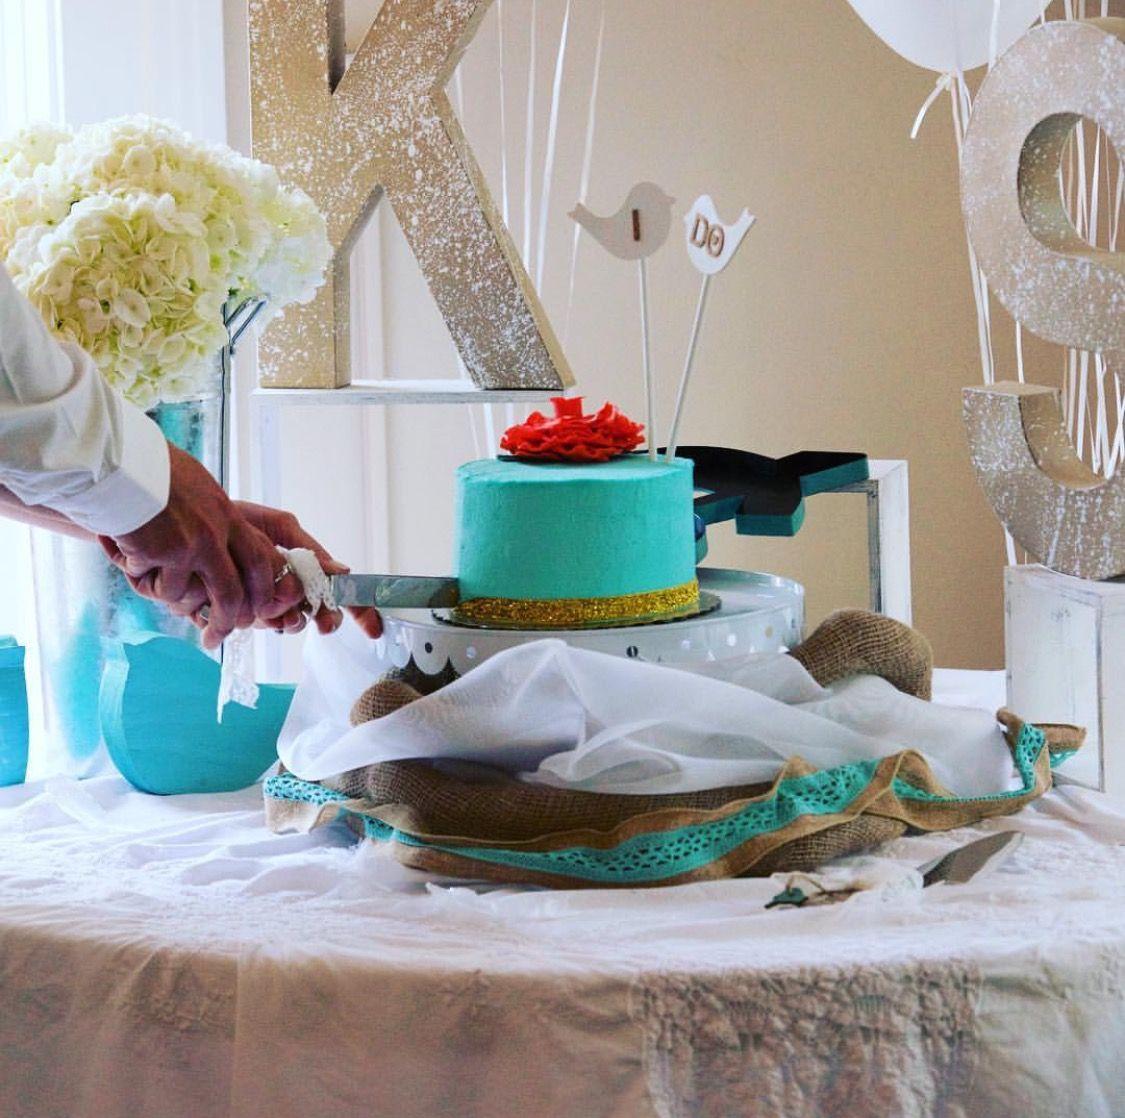 Boho LOVE BIRDS wedding cake table. Shabby chic decor created by Imprint Affair.